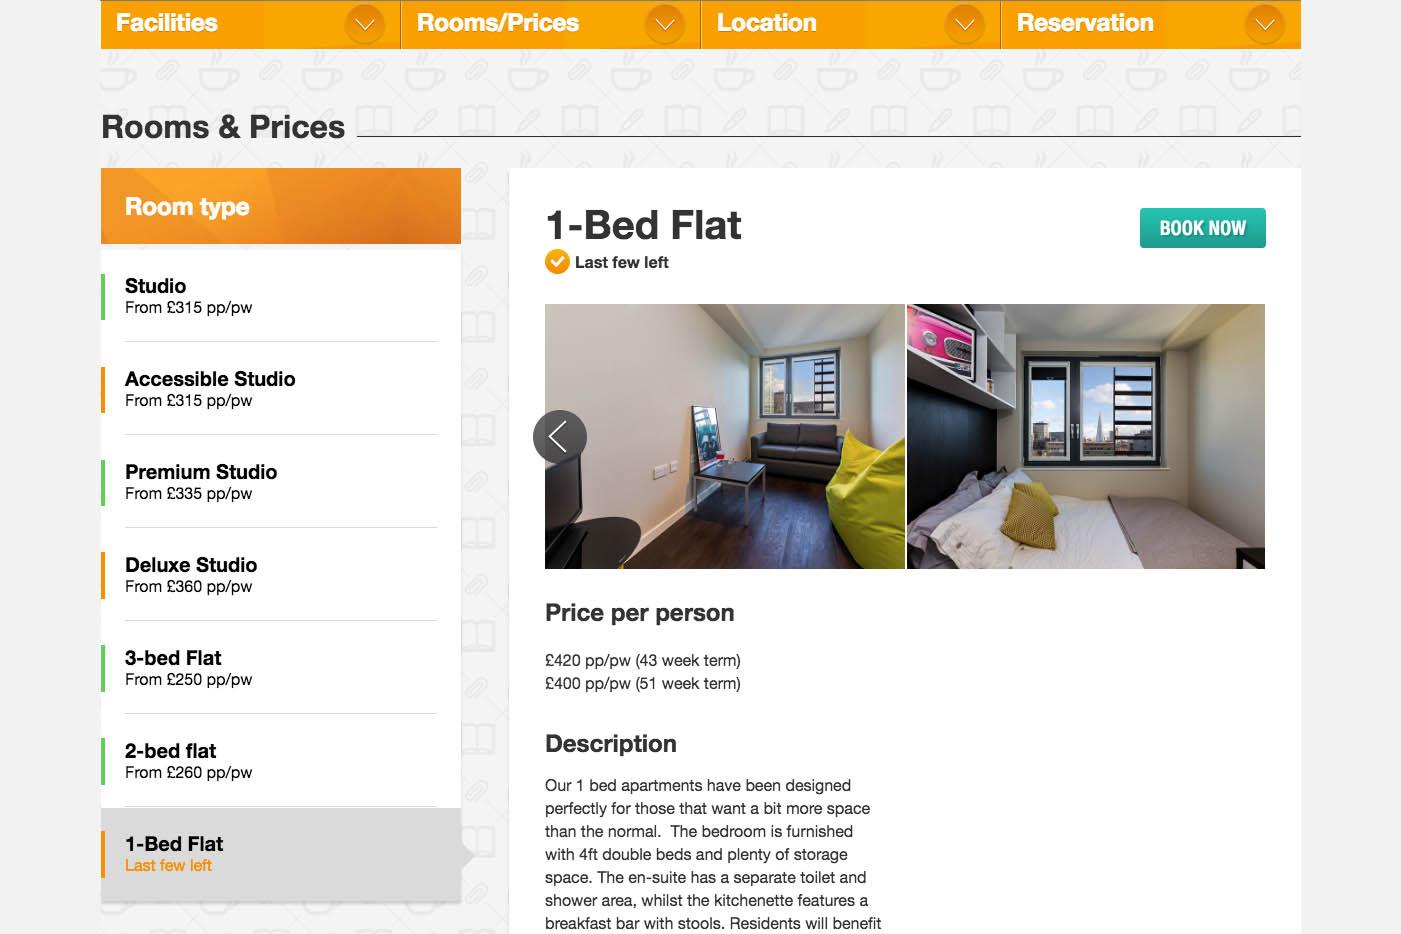 網站內可以看到豪華公寓租金和室內裝修。